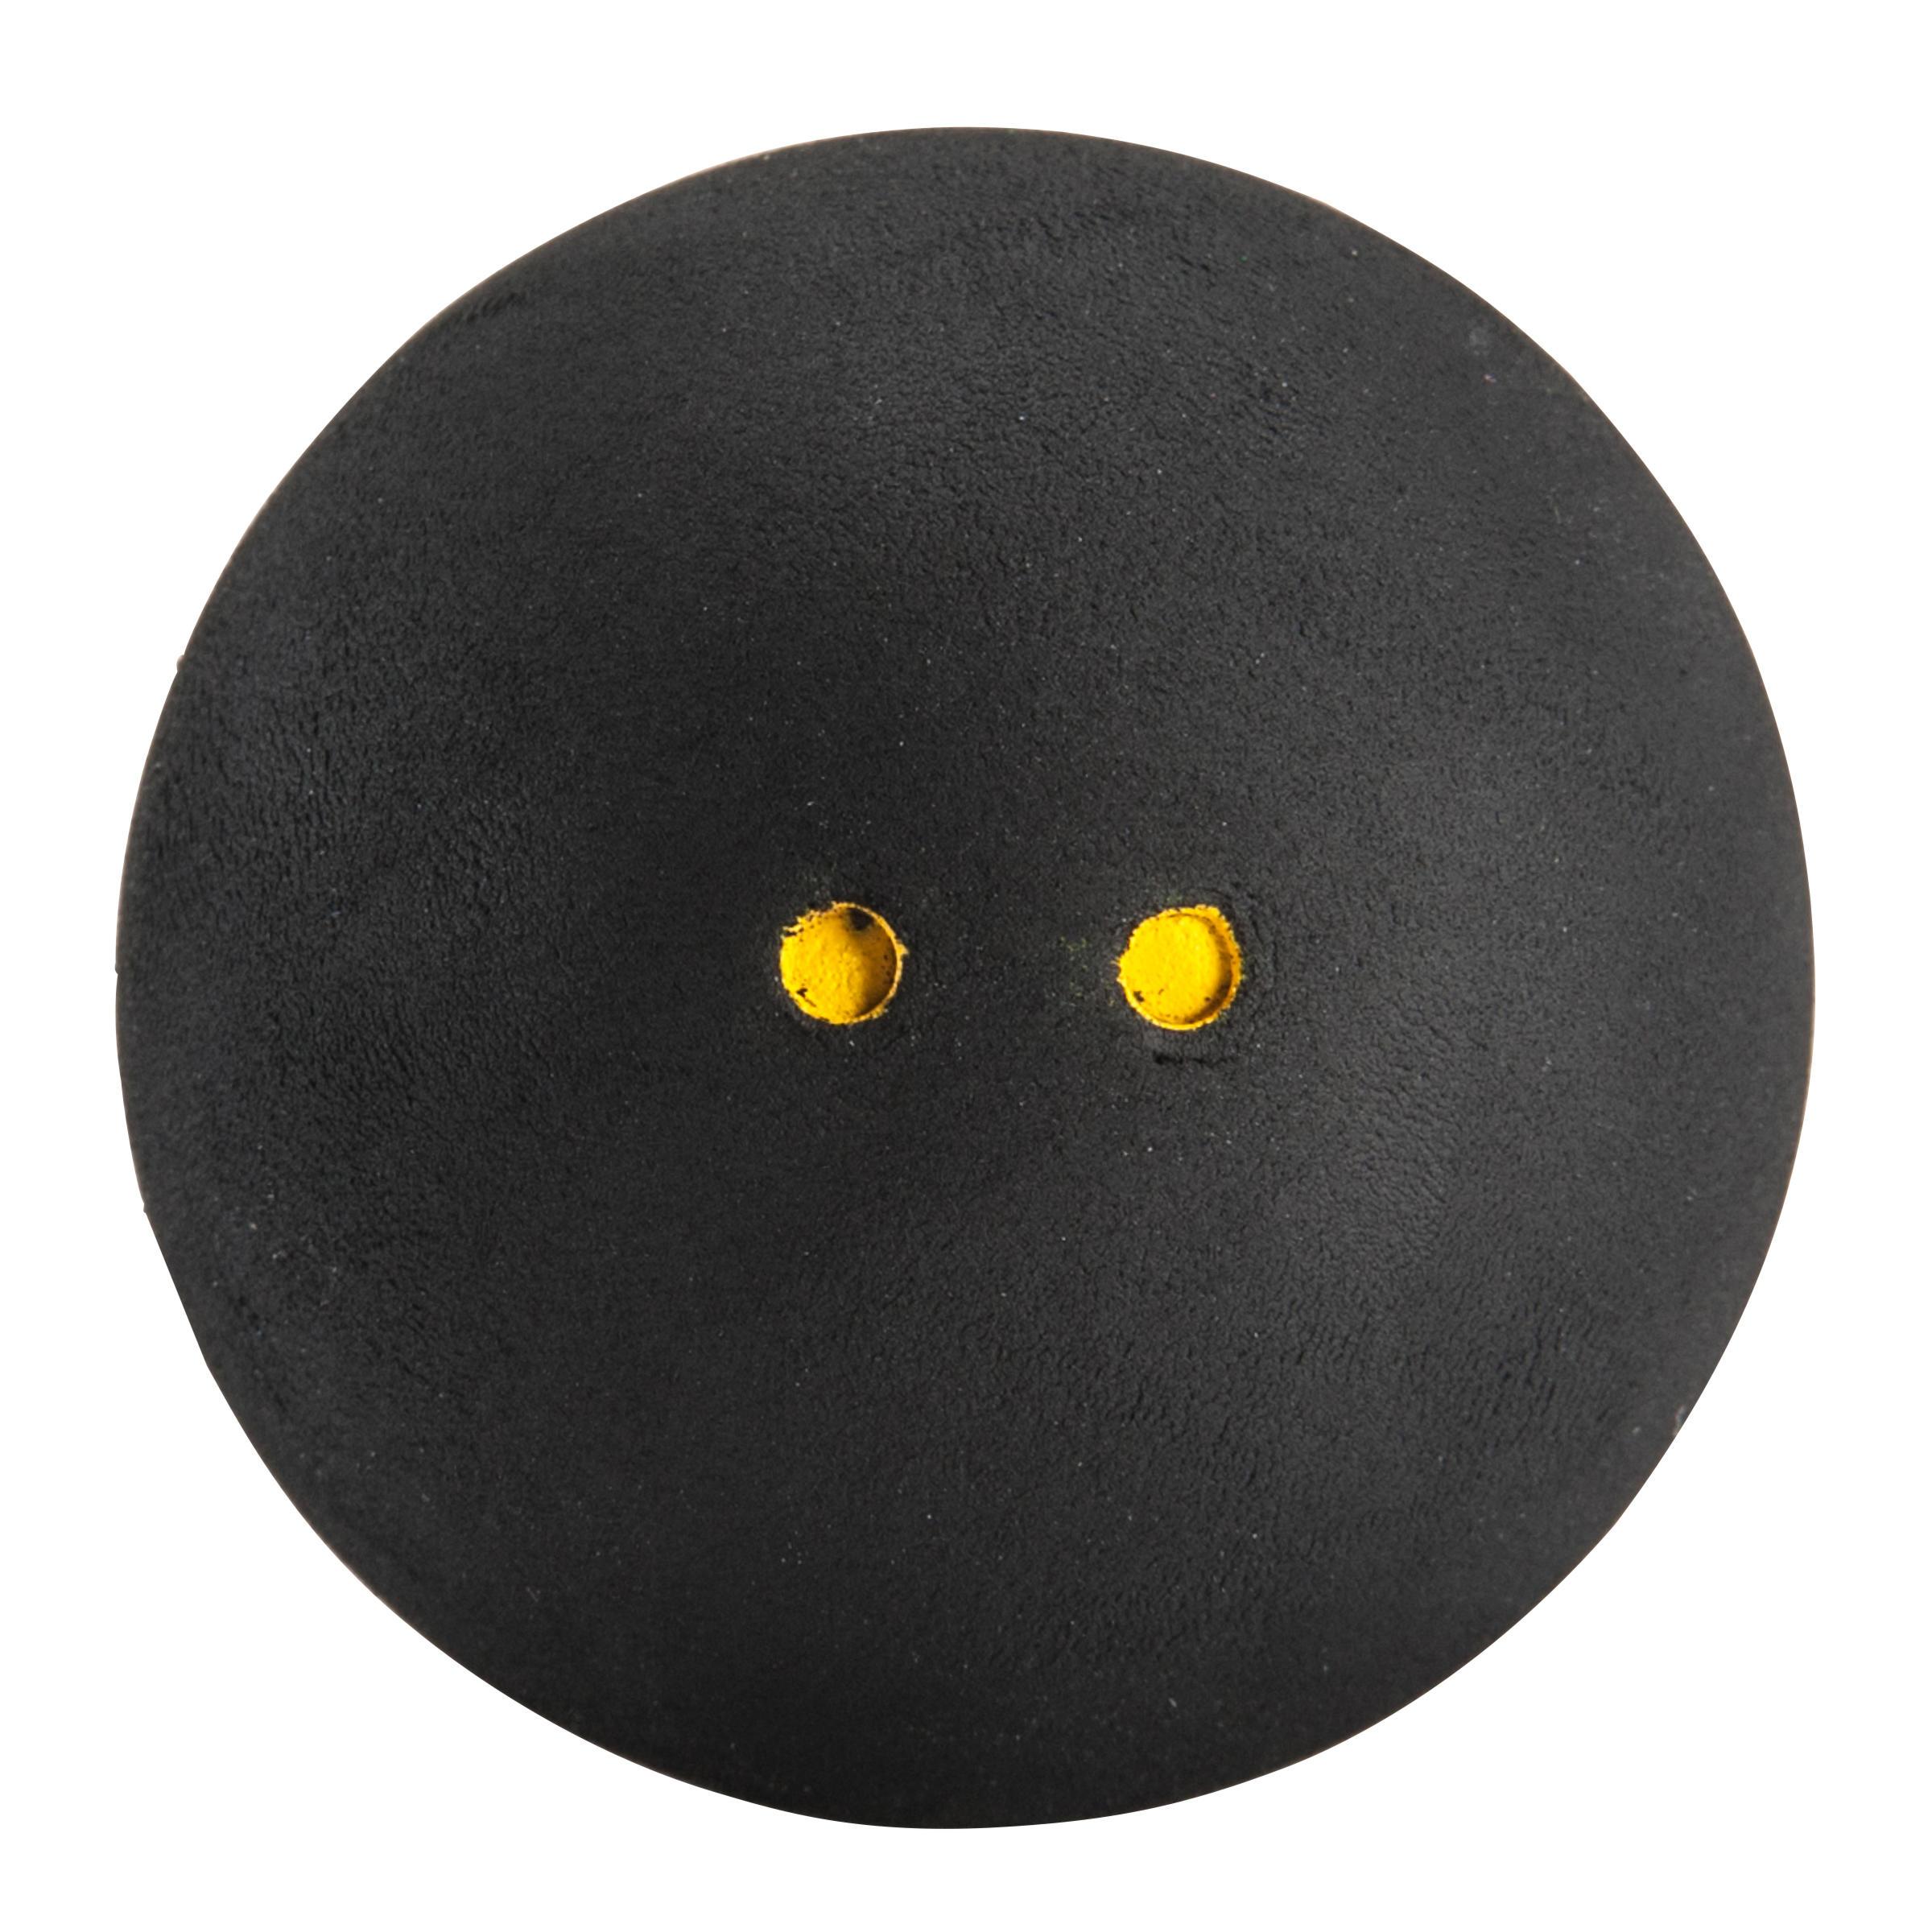 BALLE DE SQUASH SB 960 x 2 Double point jaune